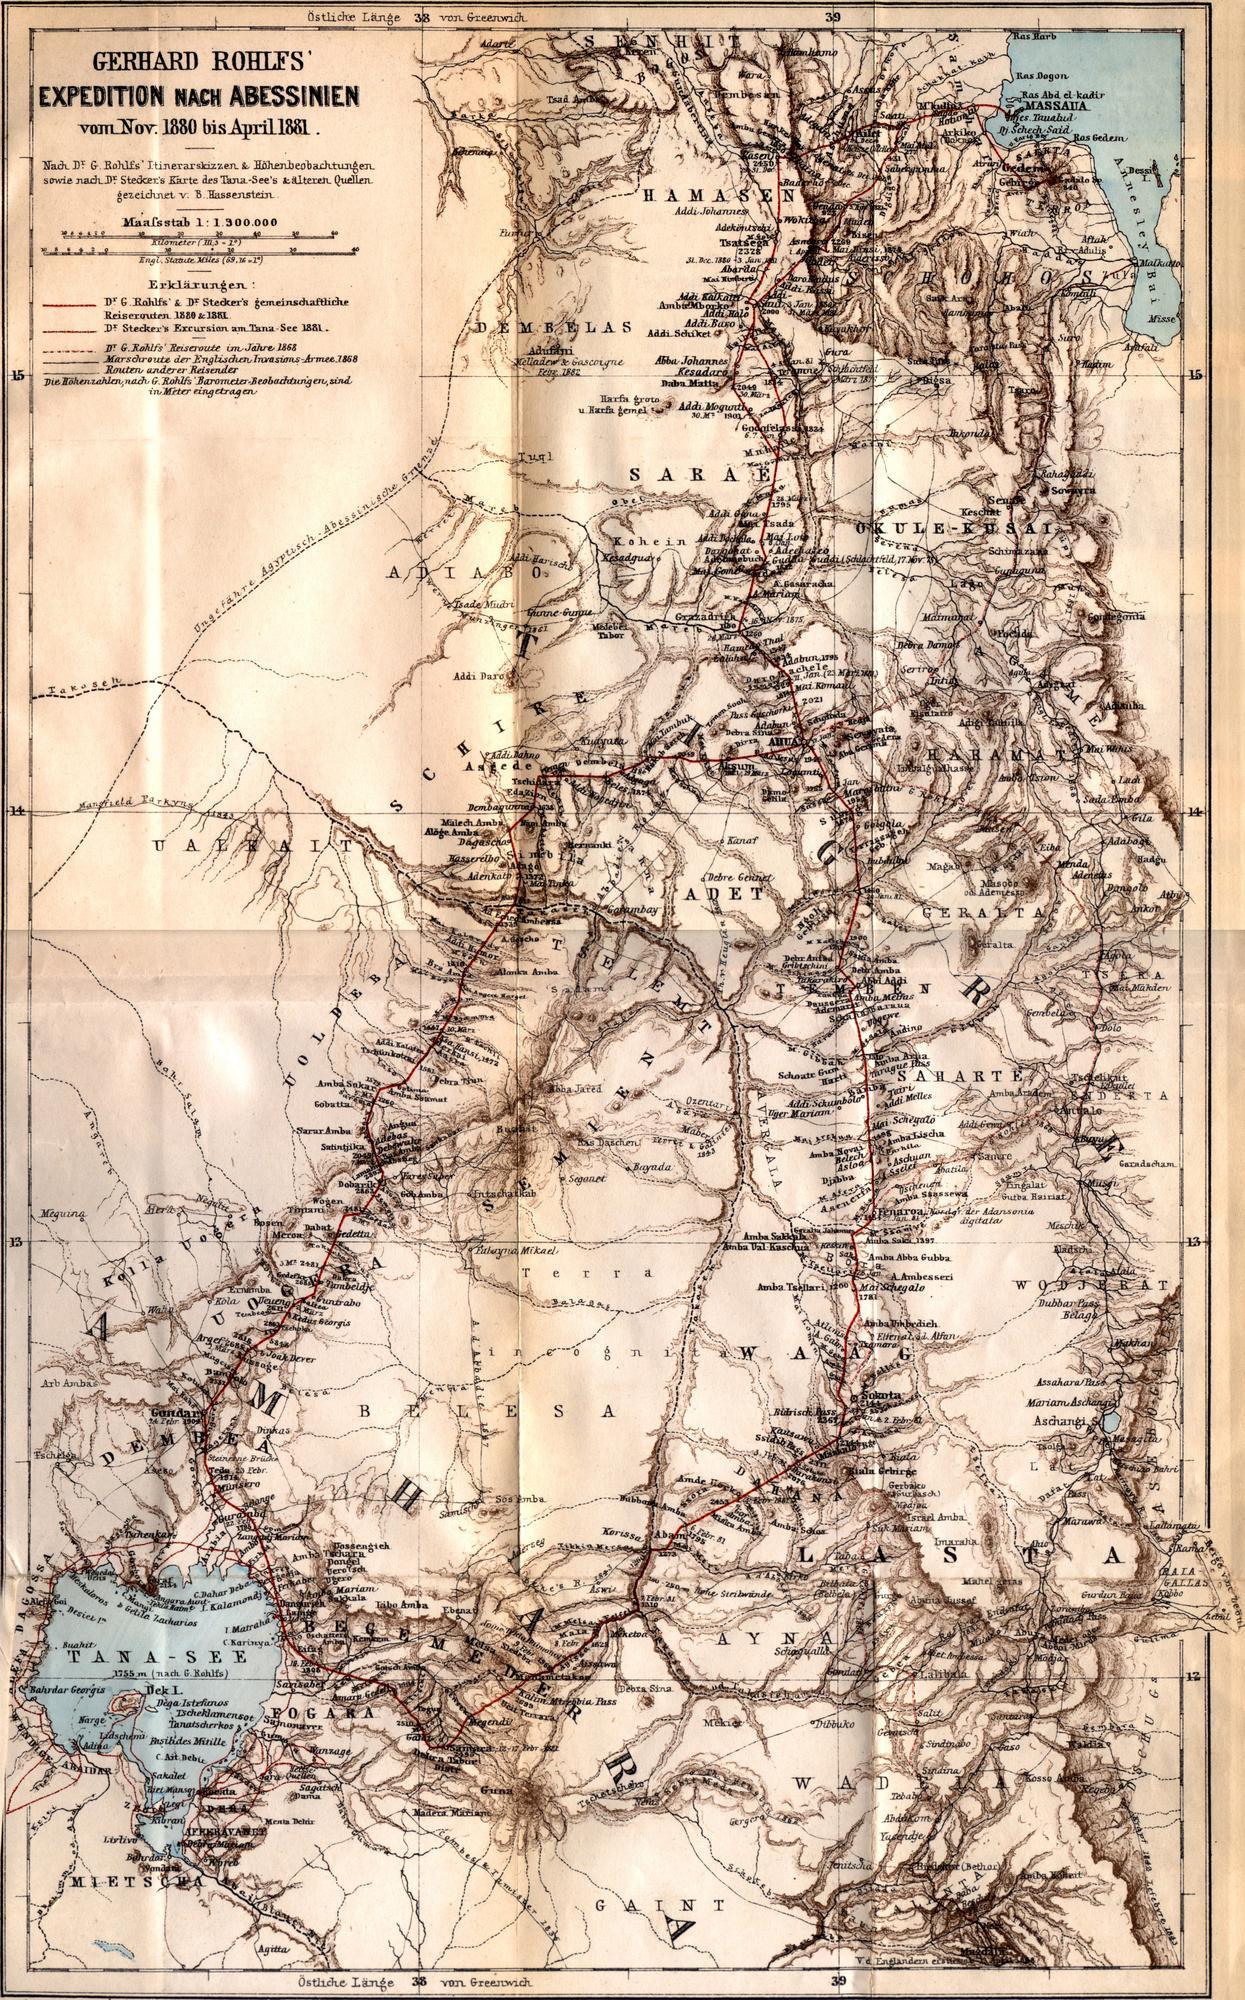 Ebook Project Gutenberg Mission The Nach Abessinien Of Meine 4qj53RLA